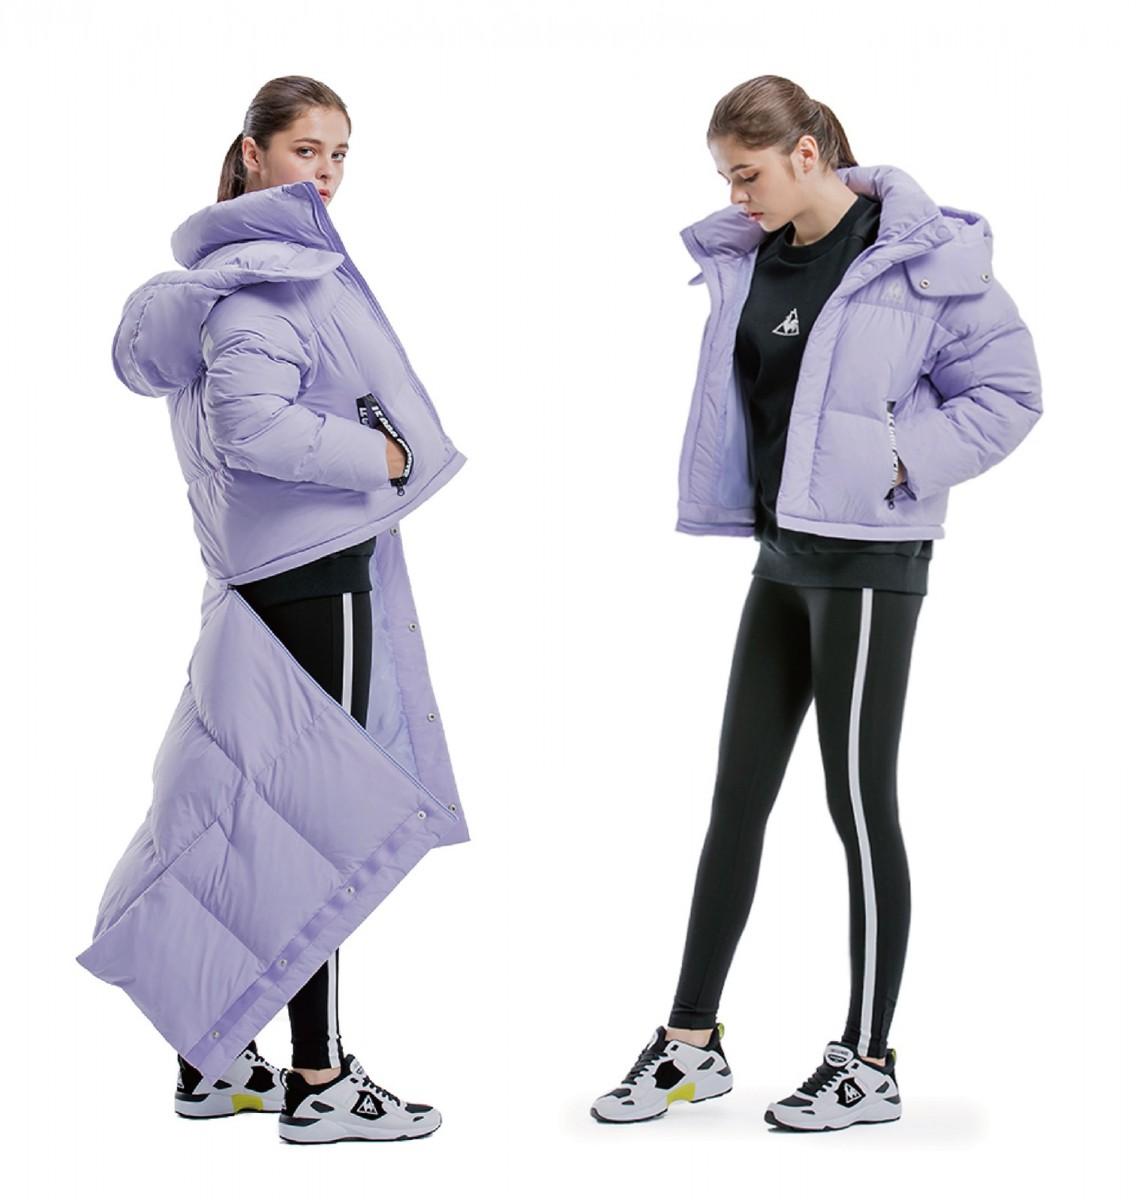 翻玩羽絨大衣 搭出專屬時尚態度